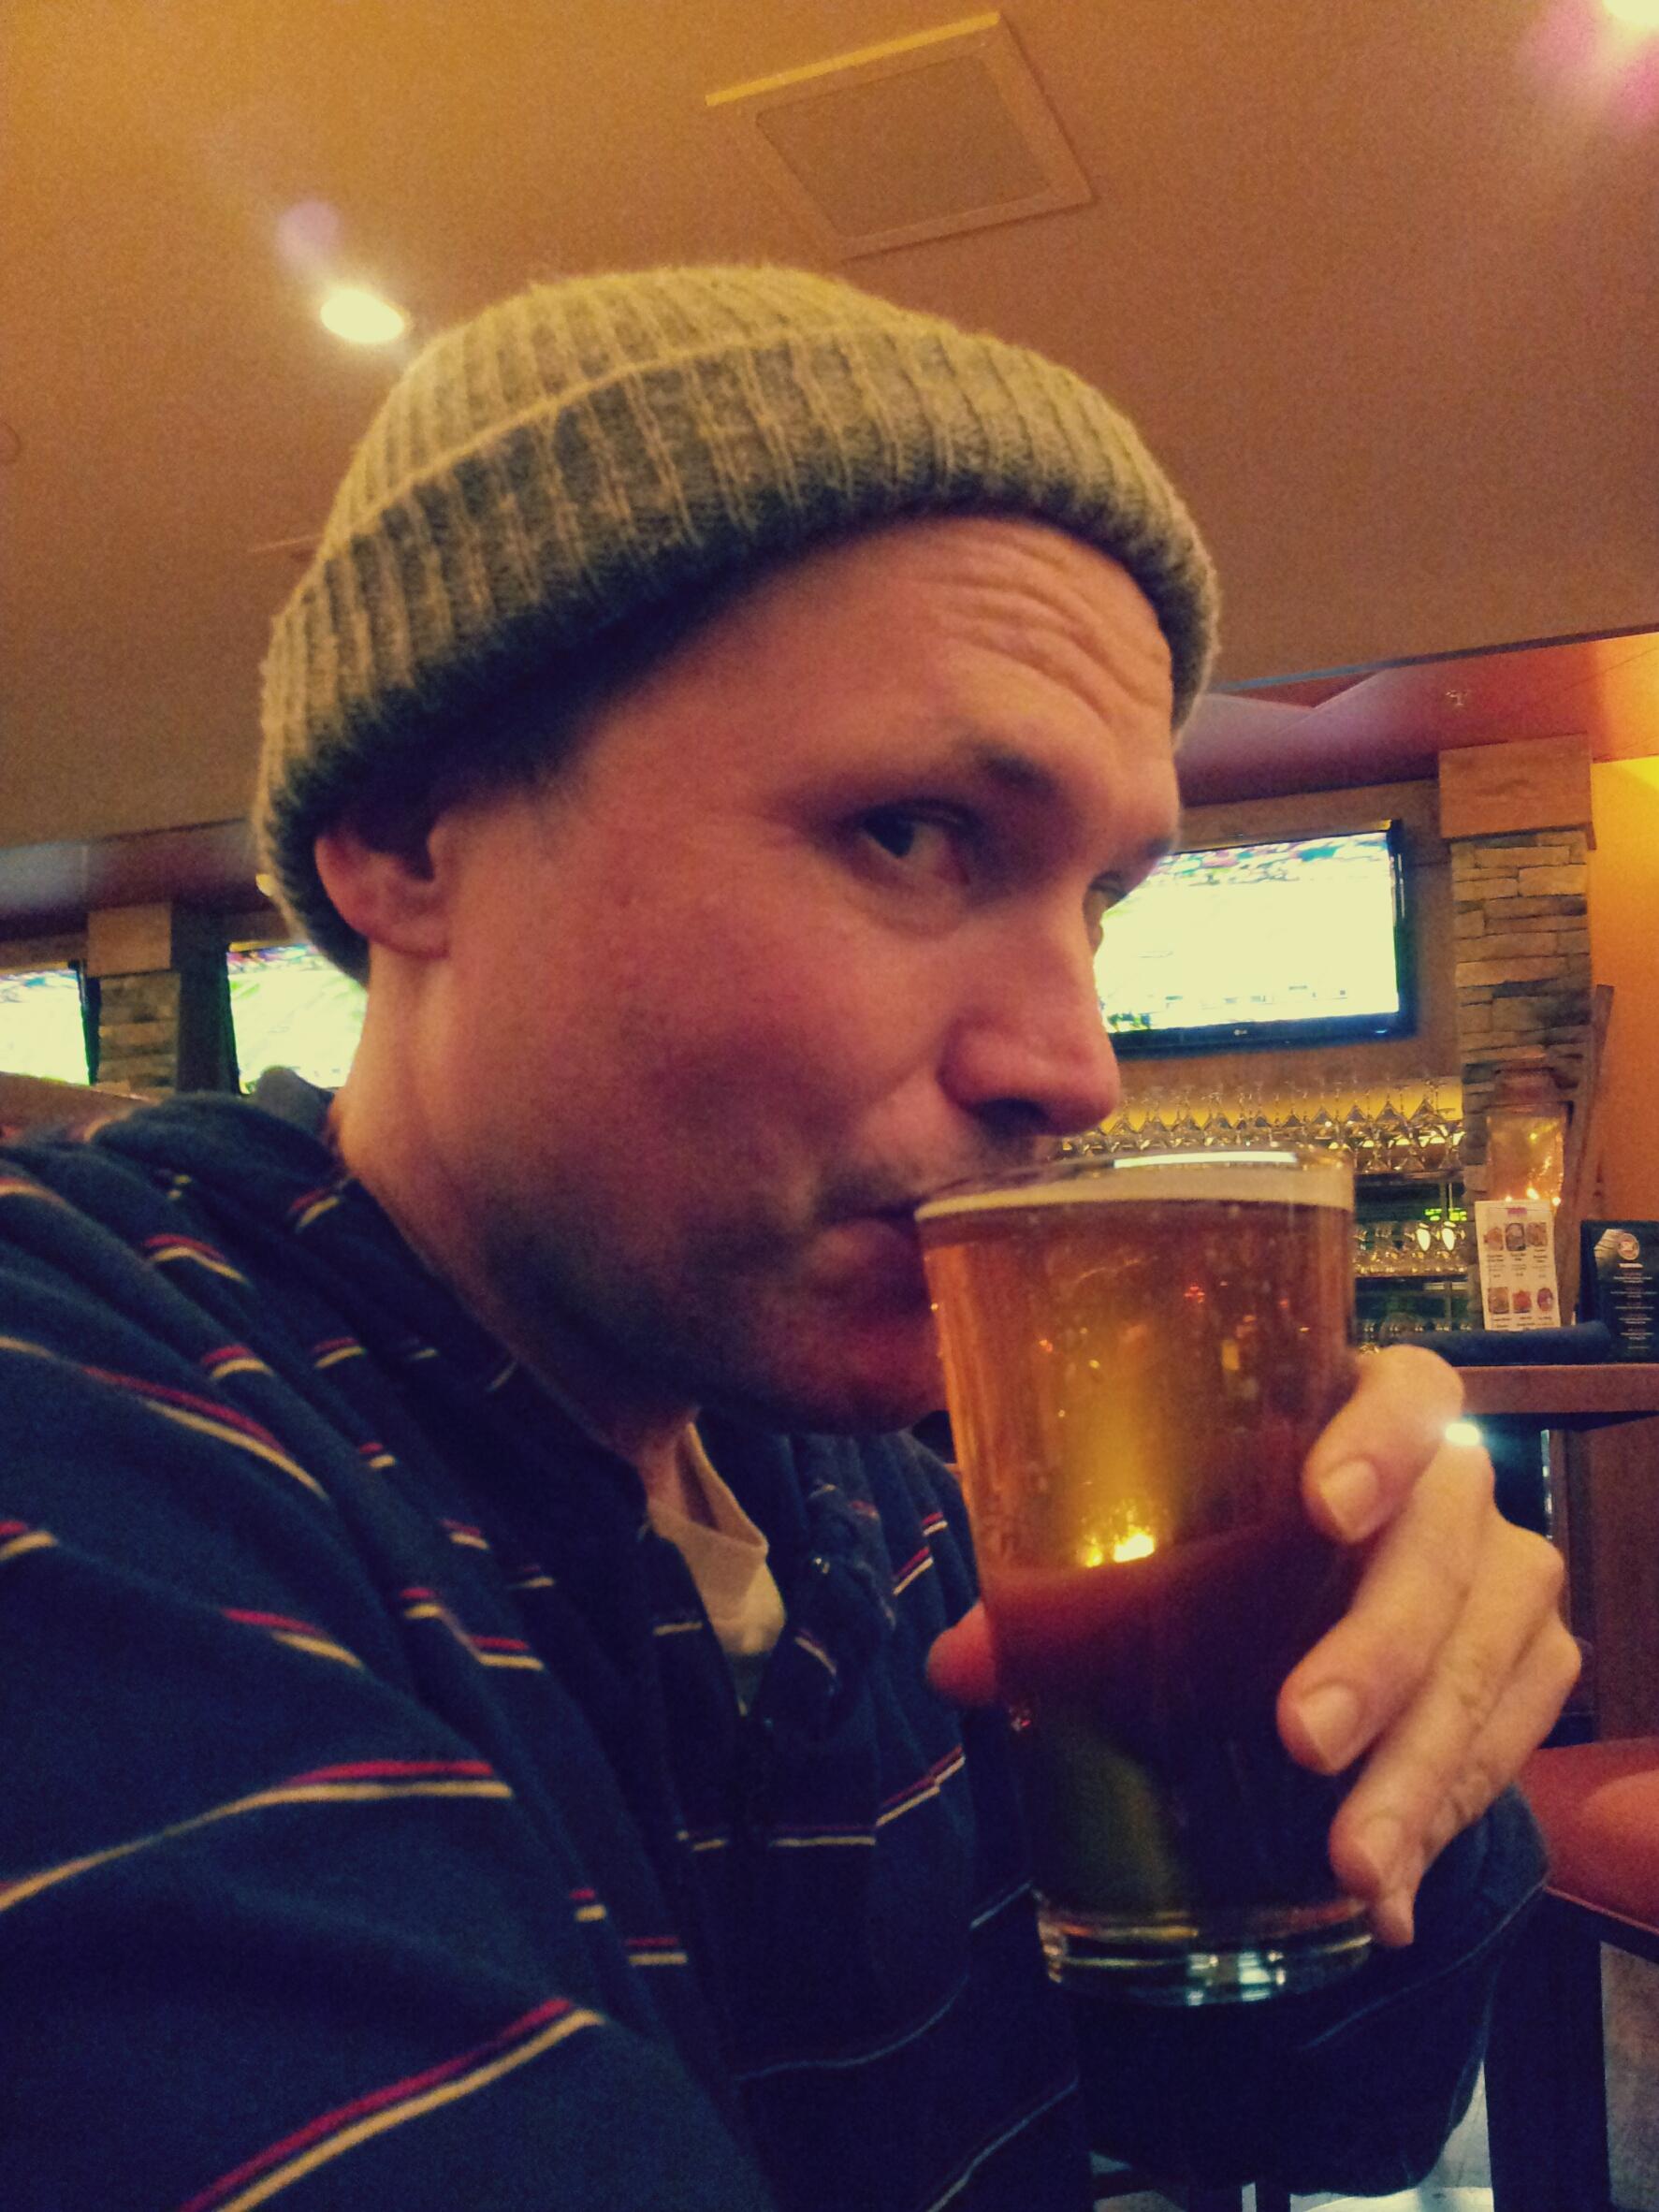 2012-01-09 22.44.09 - Peter.jpg